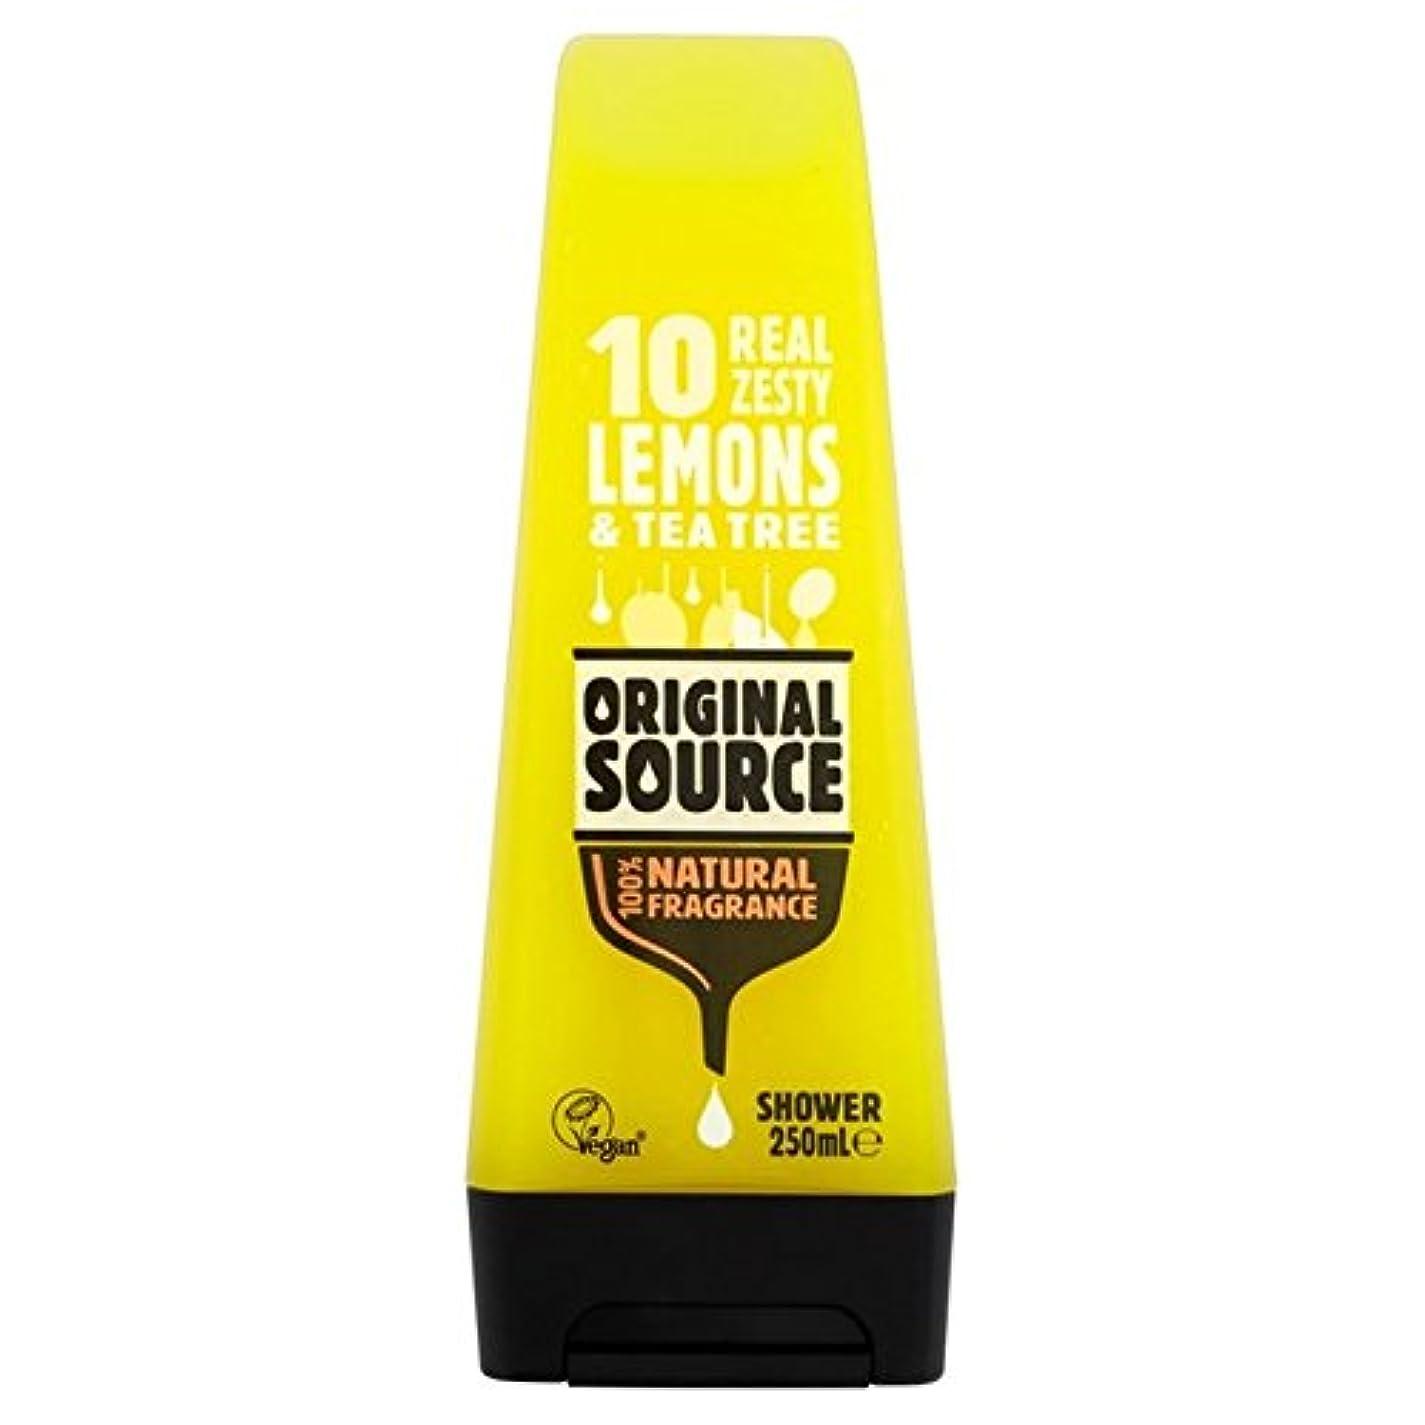 取り付け恥ずかしさレプリカ元のソースのレモンシャワージェル250ミリリットル x2 - Original Source Lemon Shower Gel 250ml (Pack of 2) [並行輸入品]